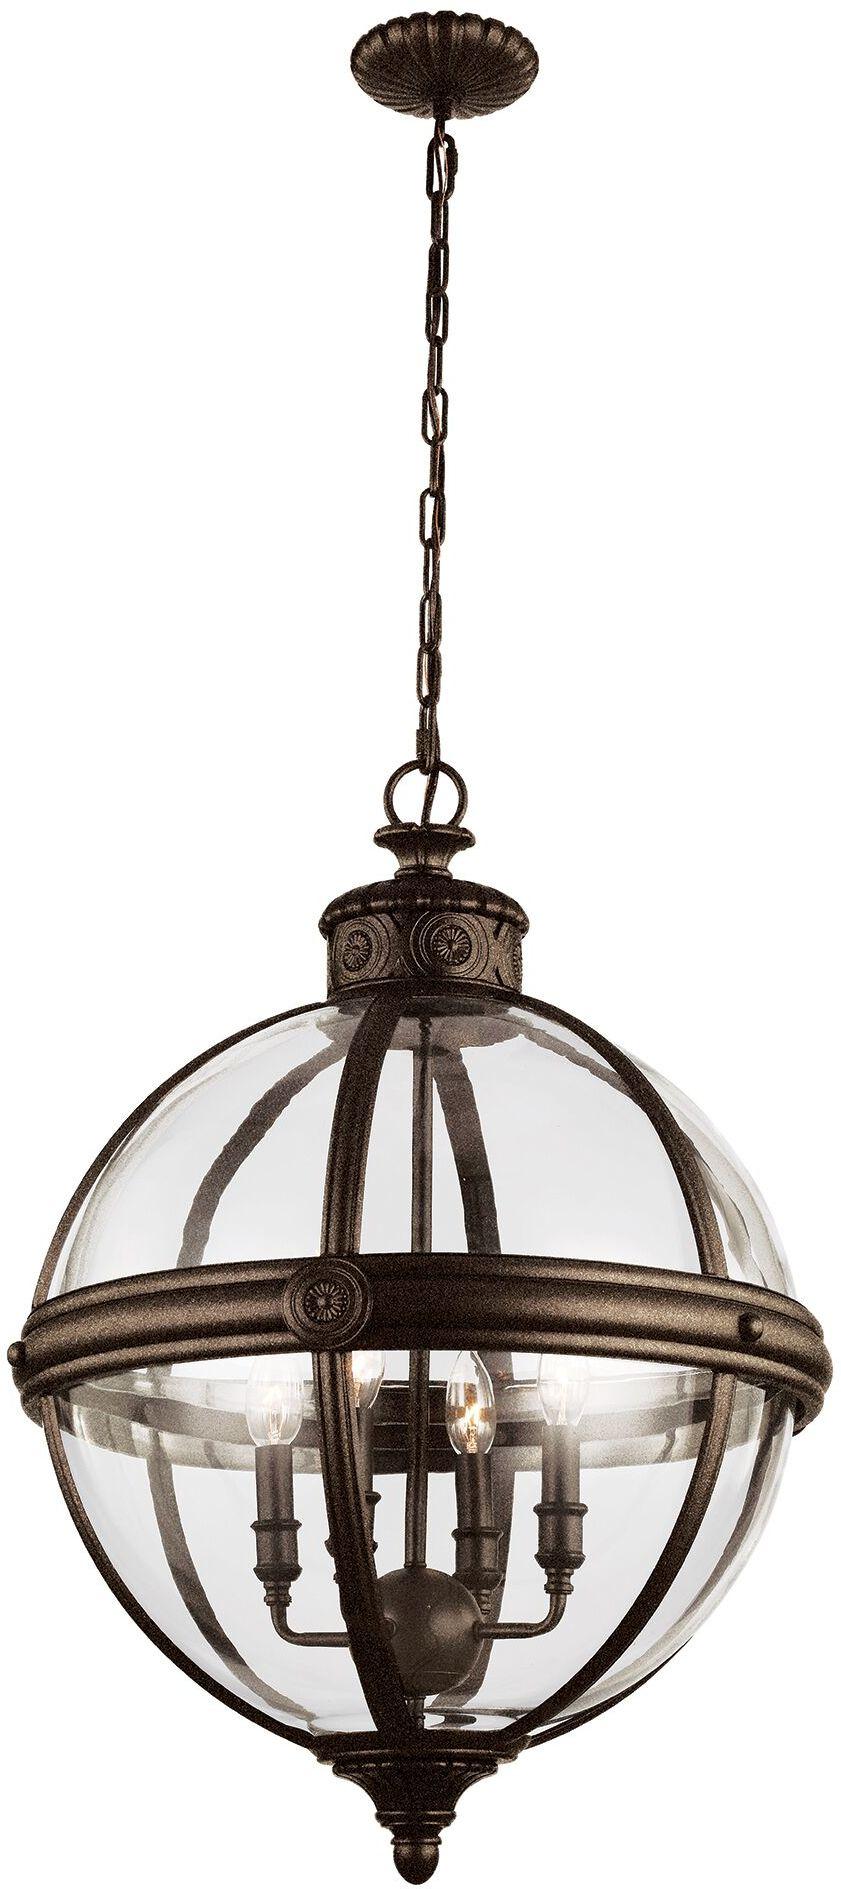 Lampa wisząca Adams FE/ADAMS/4P BRZ Feiss klasyczna oprawa w kolorze brązu